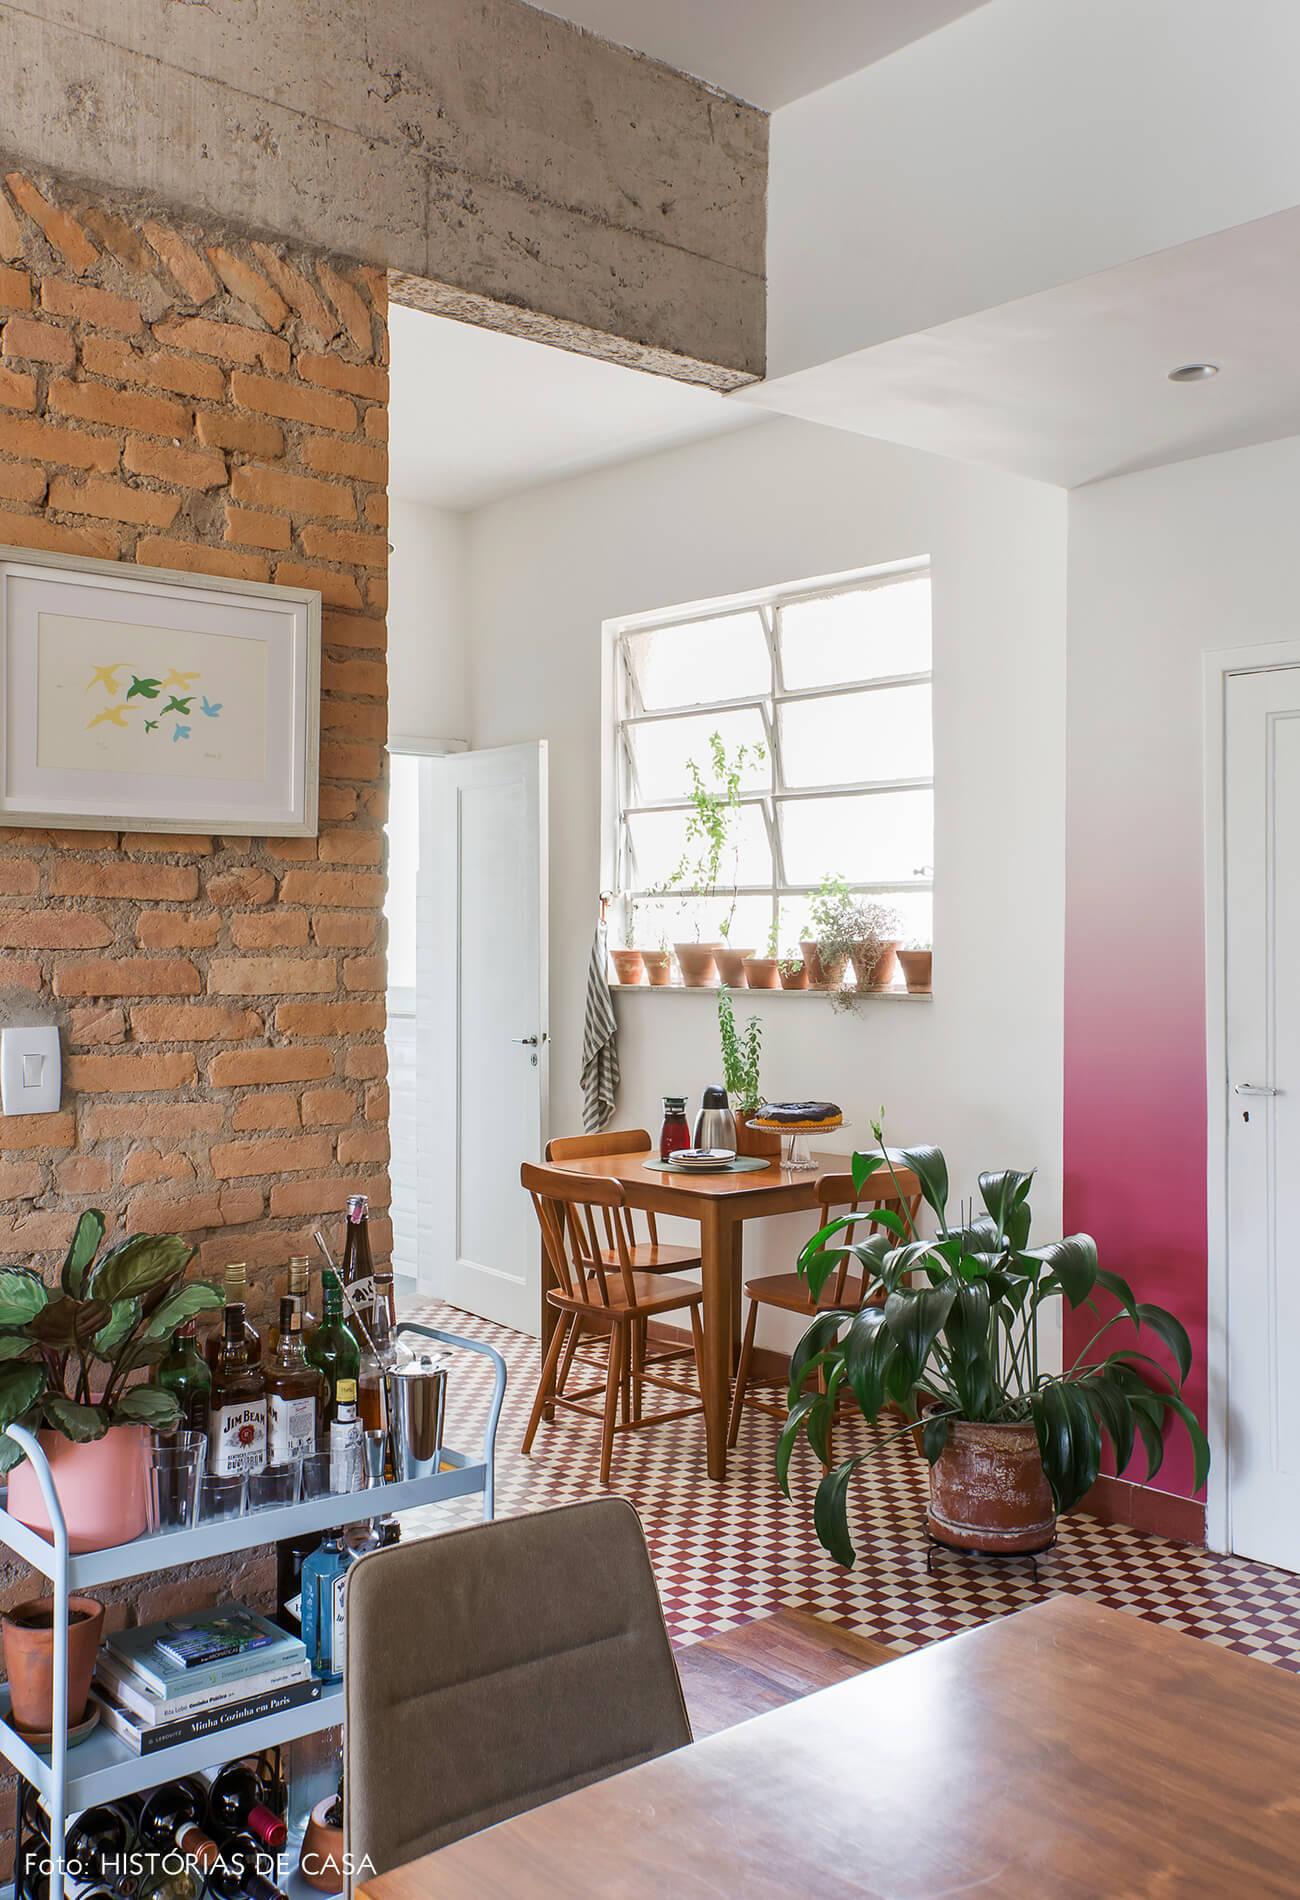 Cozinha integrada com papel de parede e piso de ladrilhos